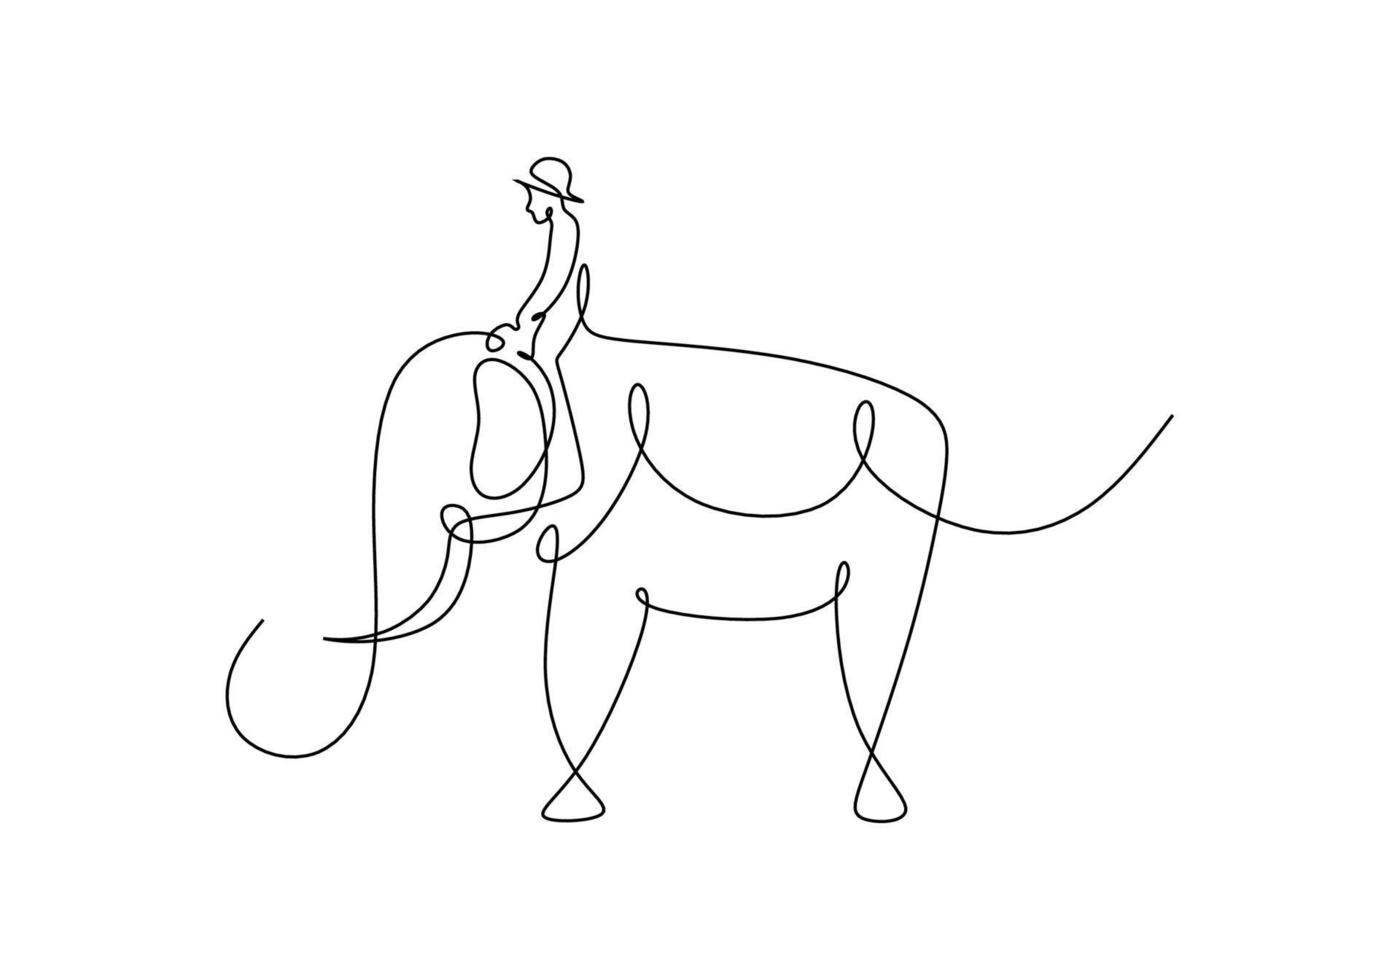 disegno continuo di una linea di uomo che cavalca un elefante vettore